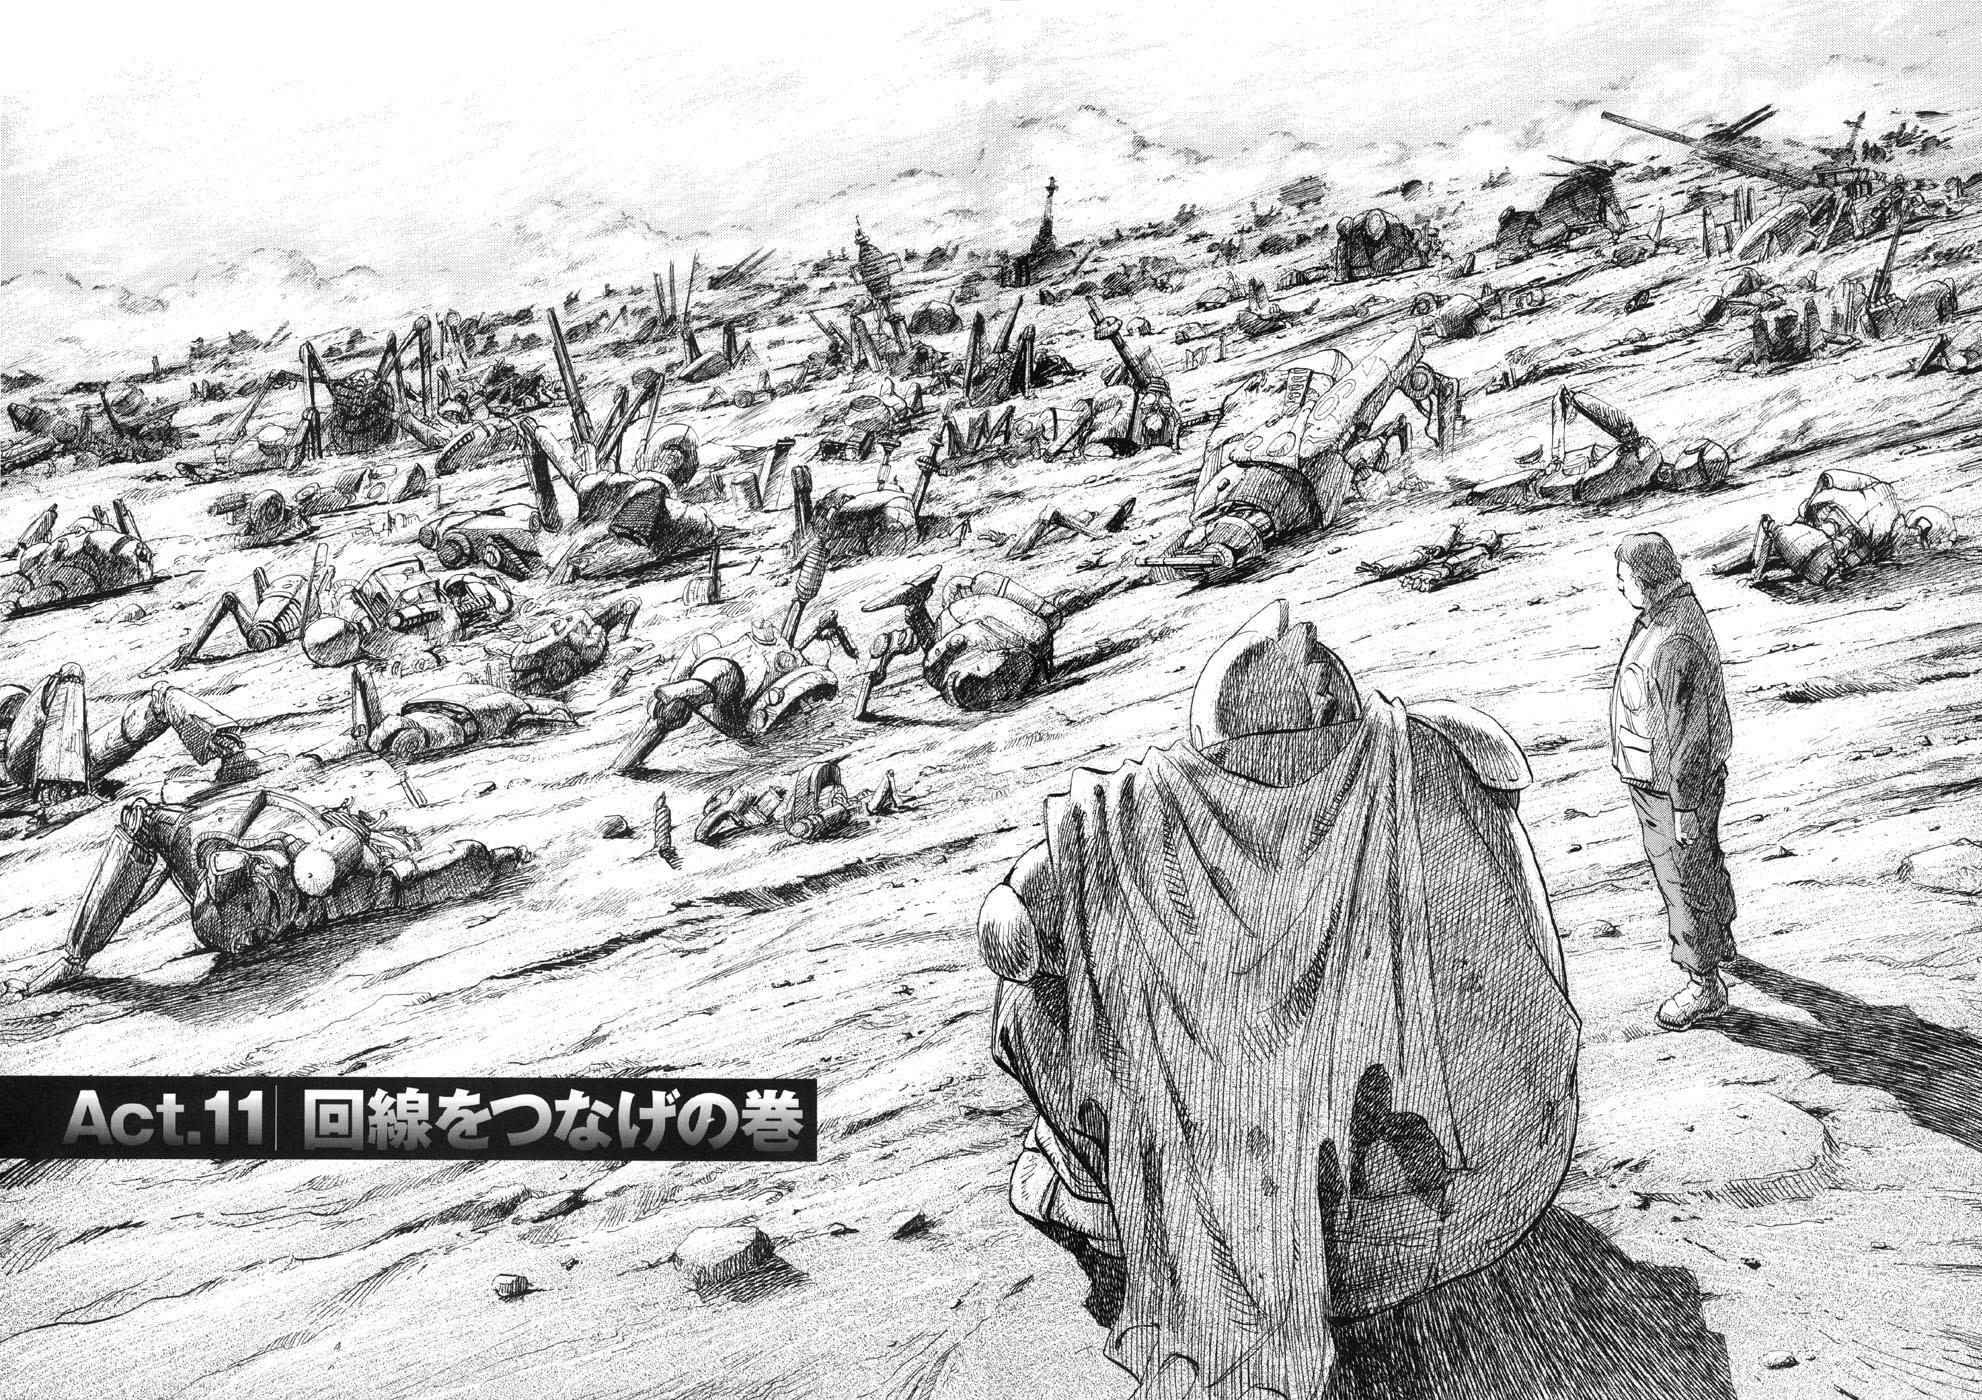 12:奉人类政府的命令,在战场上杀死自己的同类,是七名机器人共同经历的战争创伤